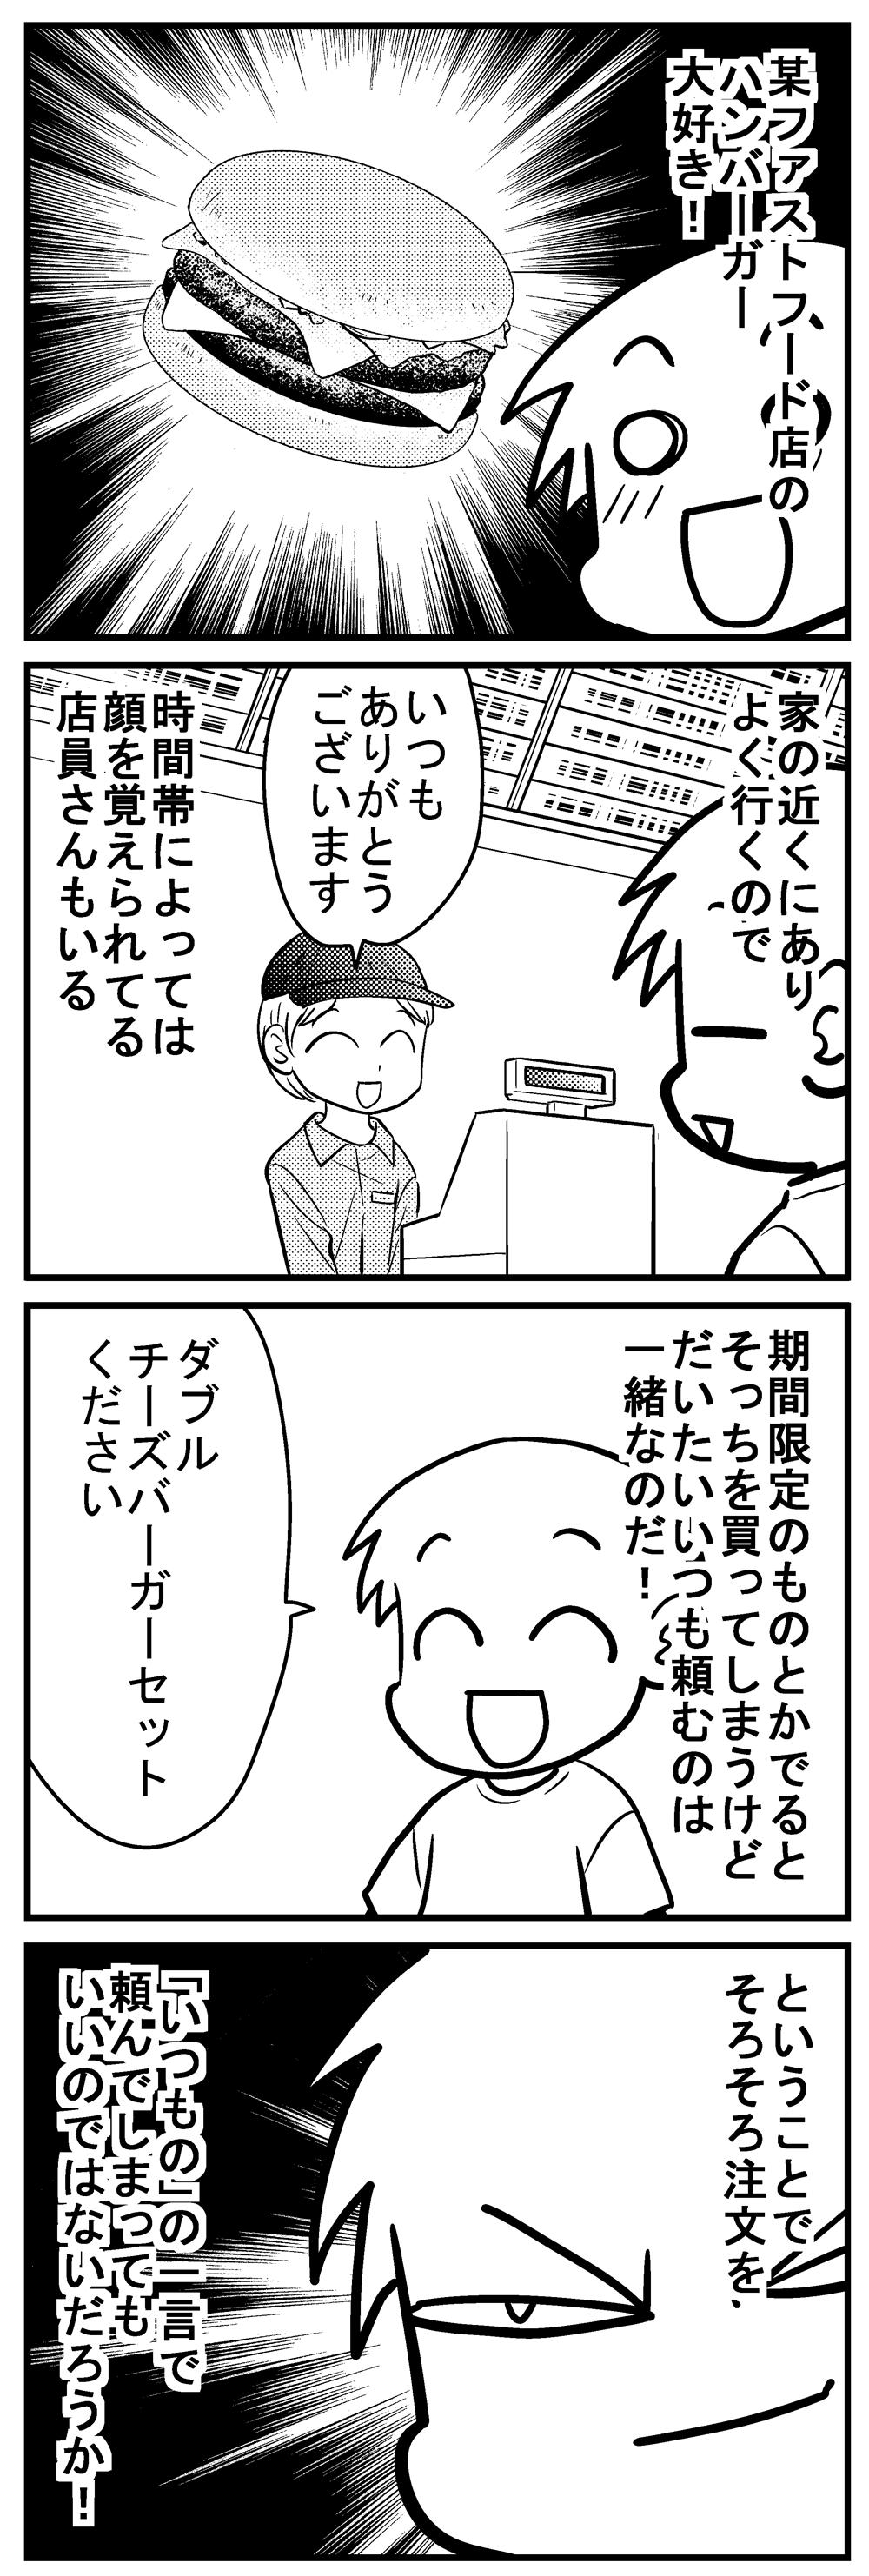 深読みくん83-1